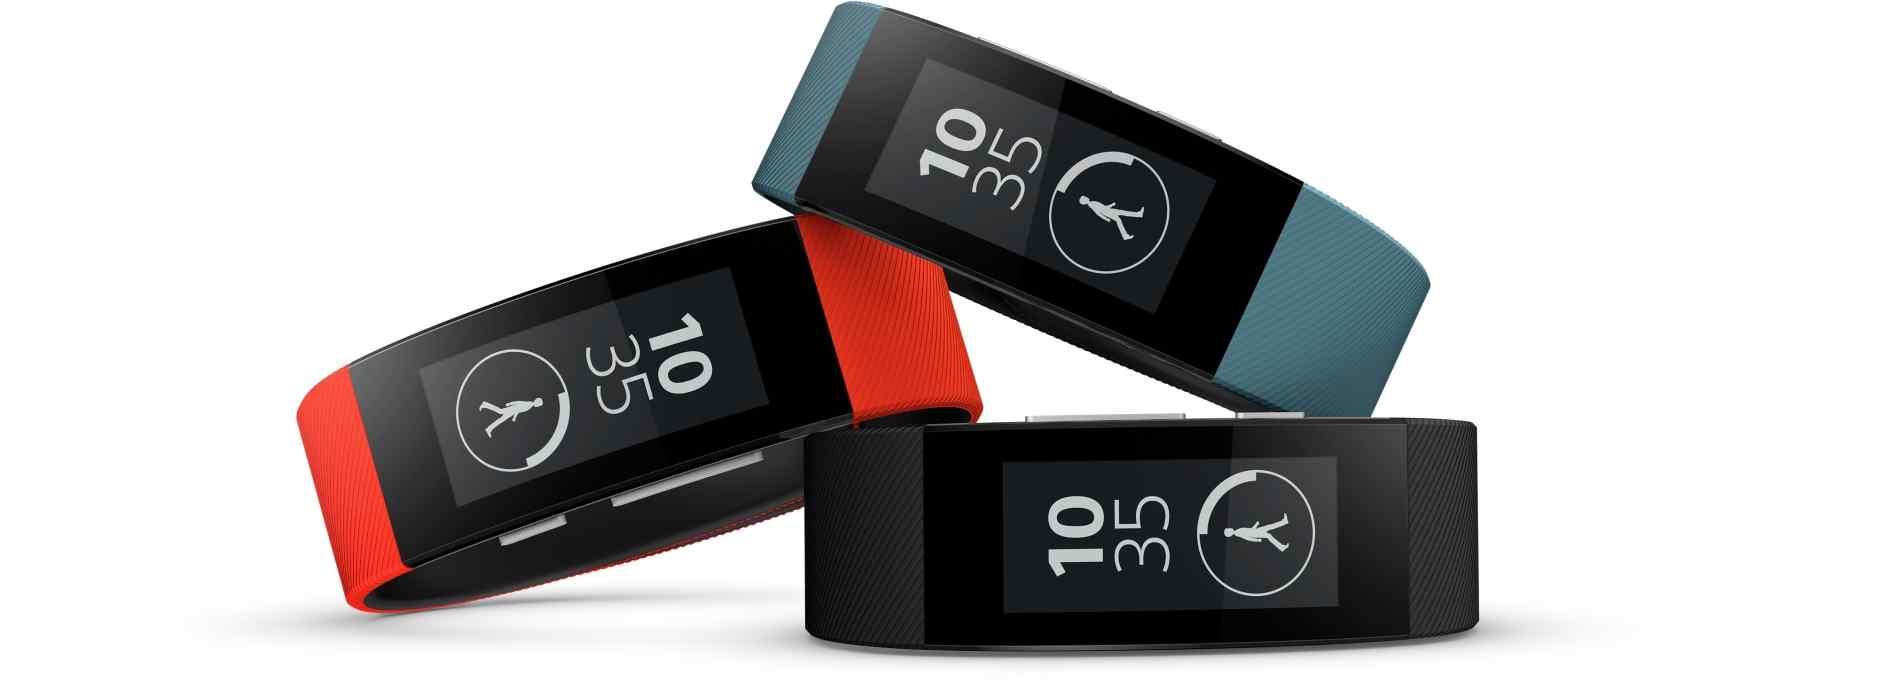 smartband-talk-swr30-design-769541614afdffa8f82a6e7de74a0a2d-940x2.jpg